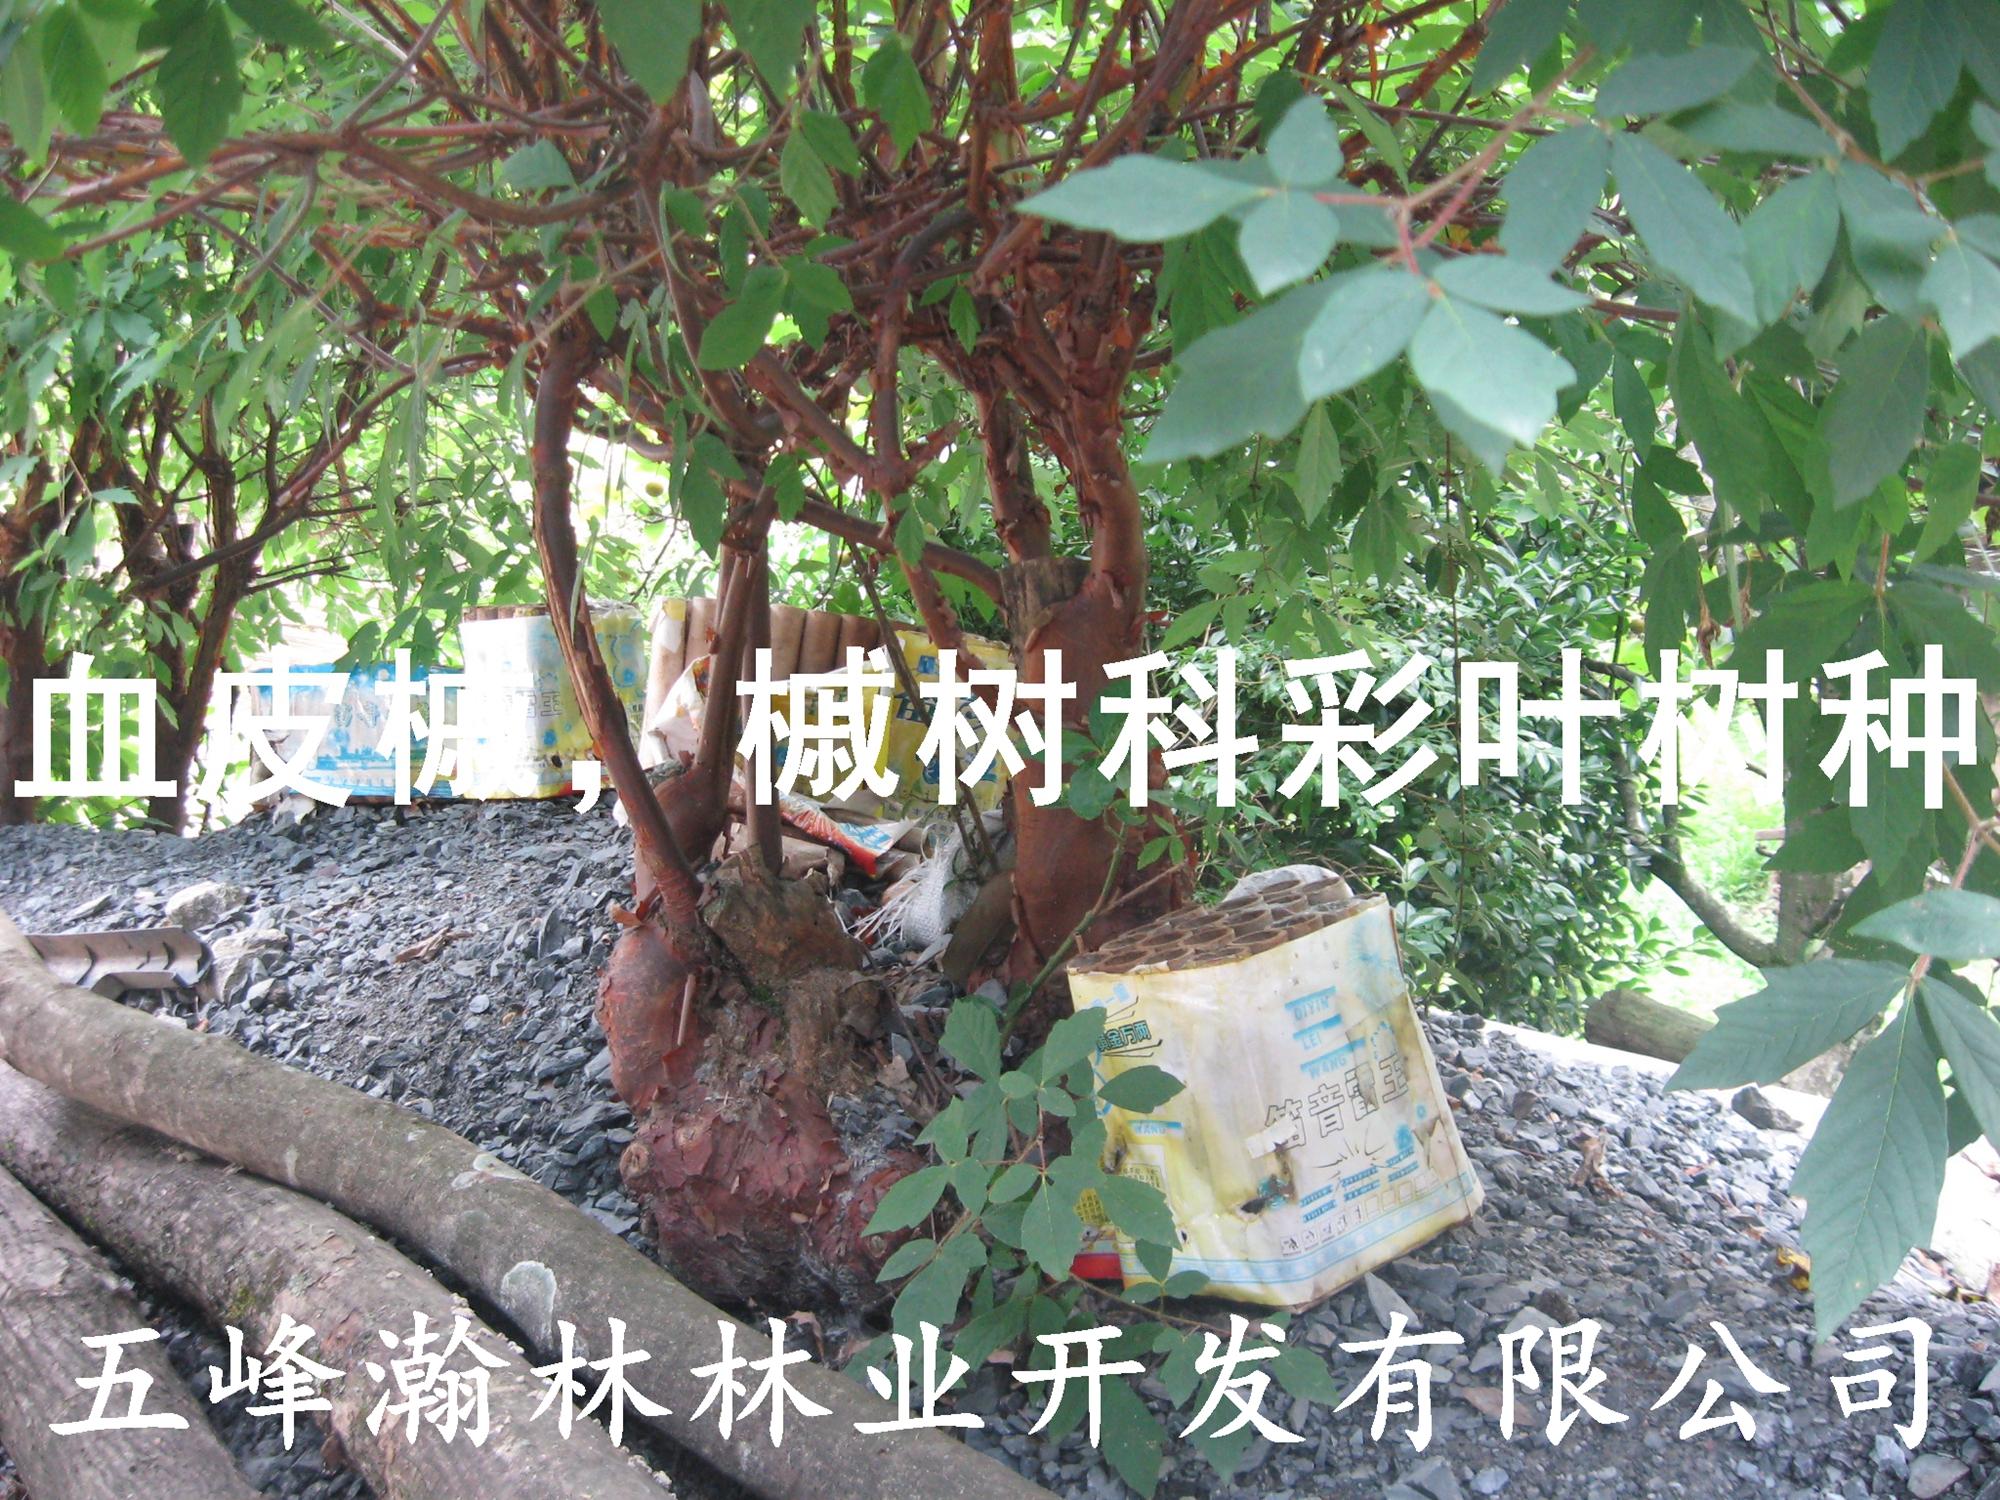 供应彩叶树槭树科槭树属血皮槭苗